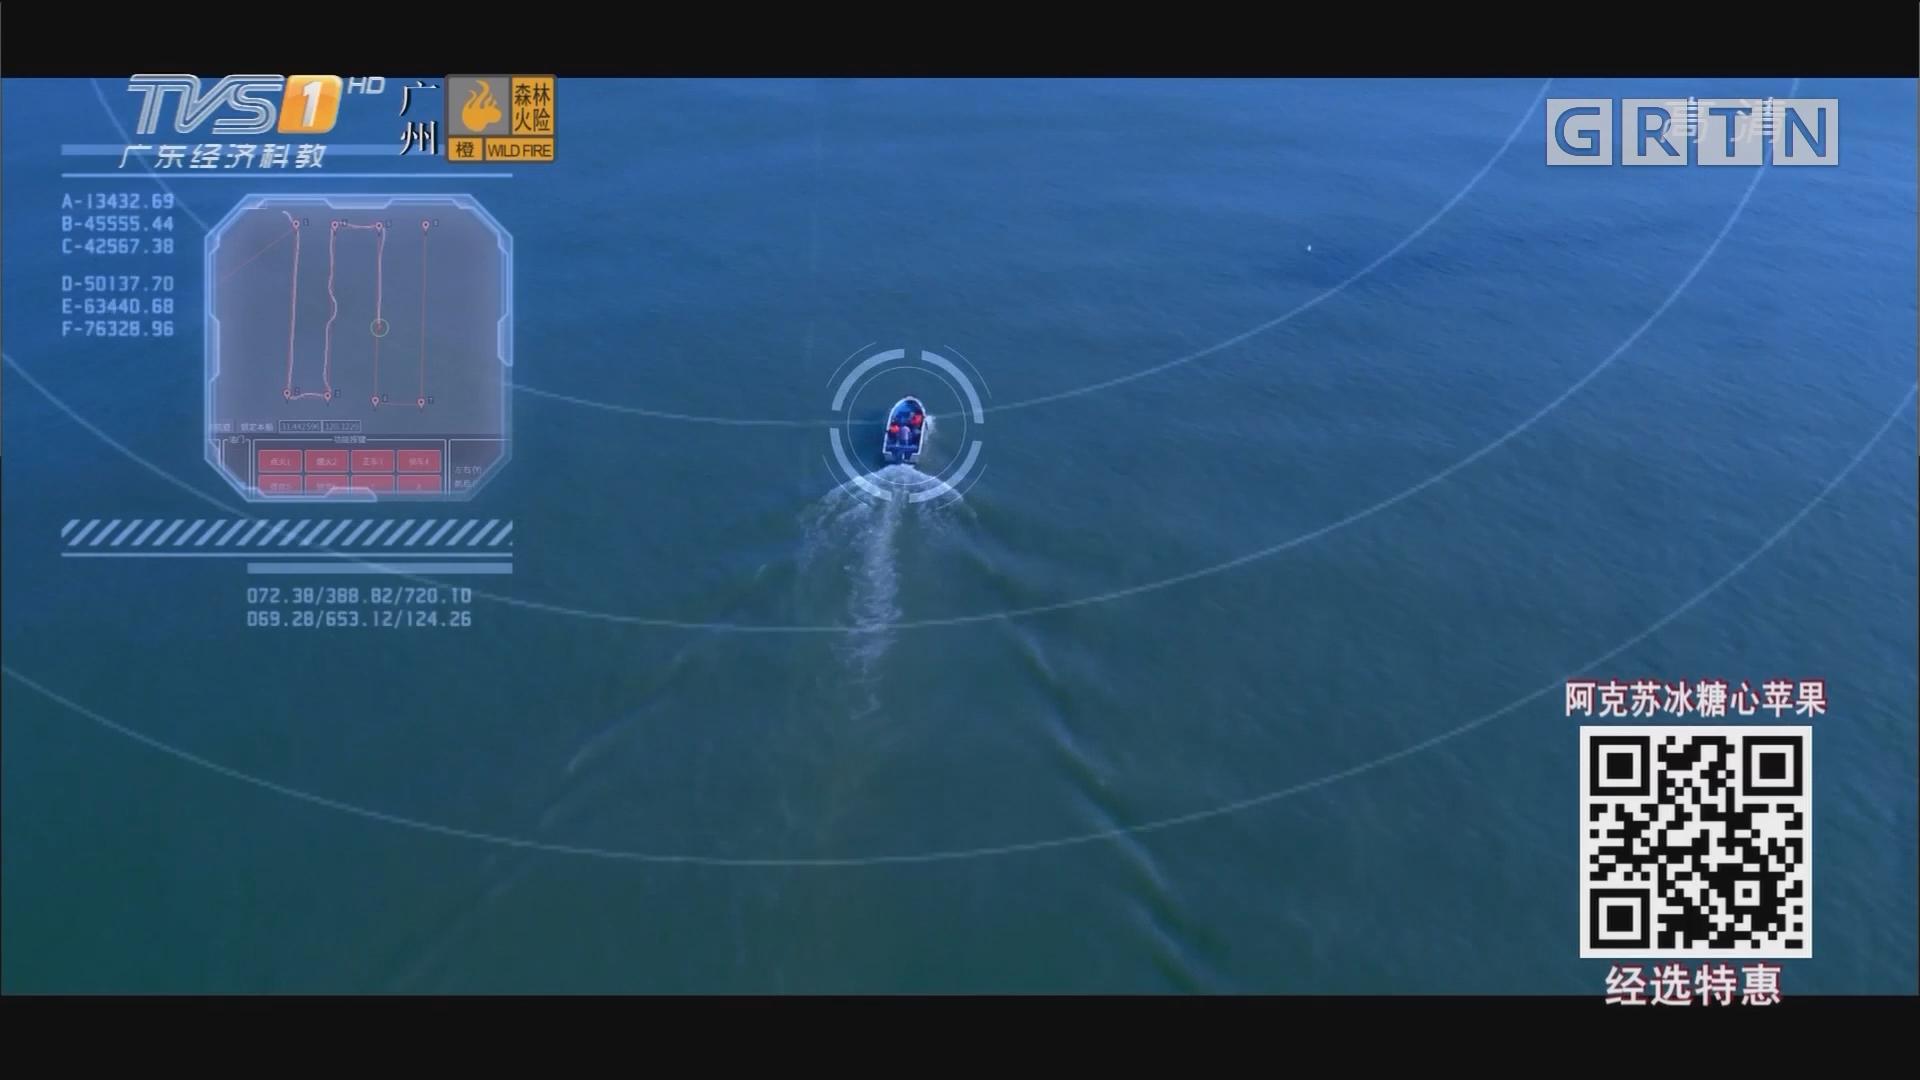 智能珠海 创新之路(四):驶向深蓝 无人驾驶舰船